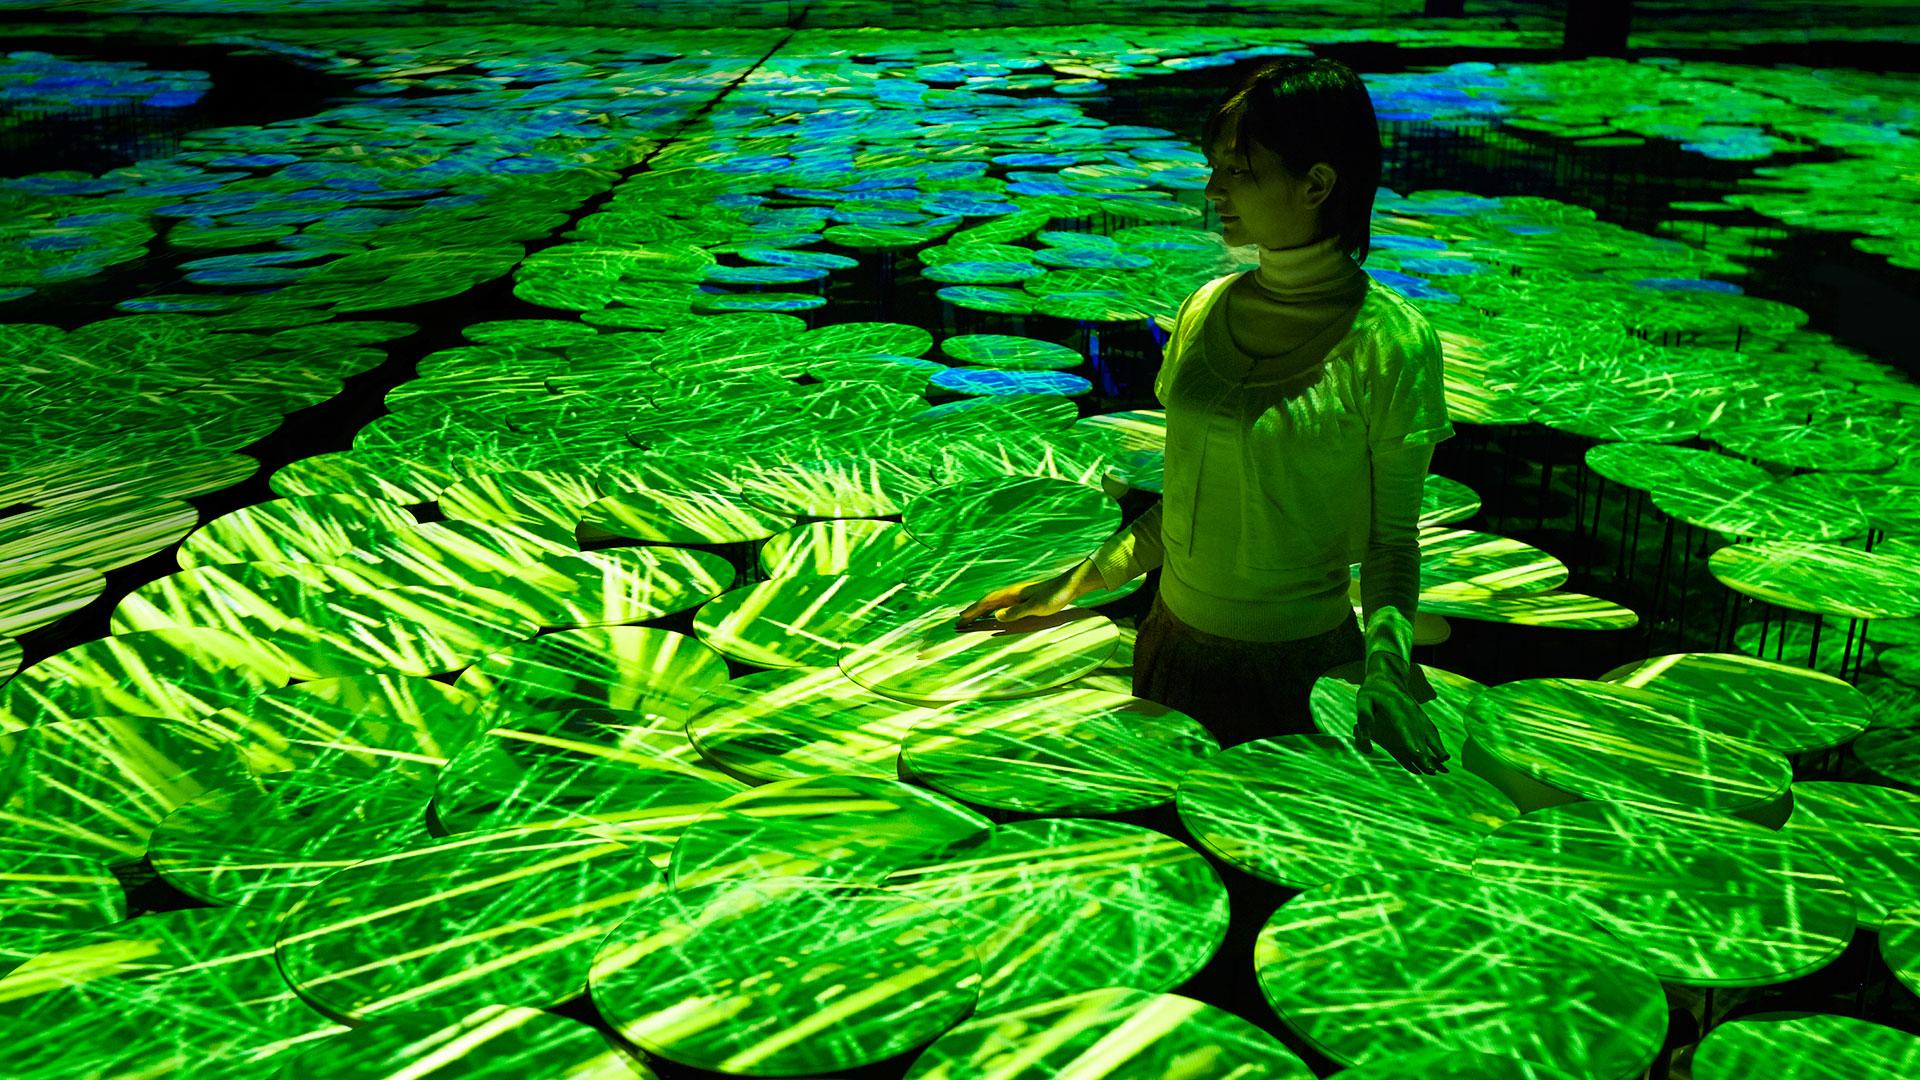 Campos de arroz tecnológicos hero asset